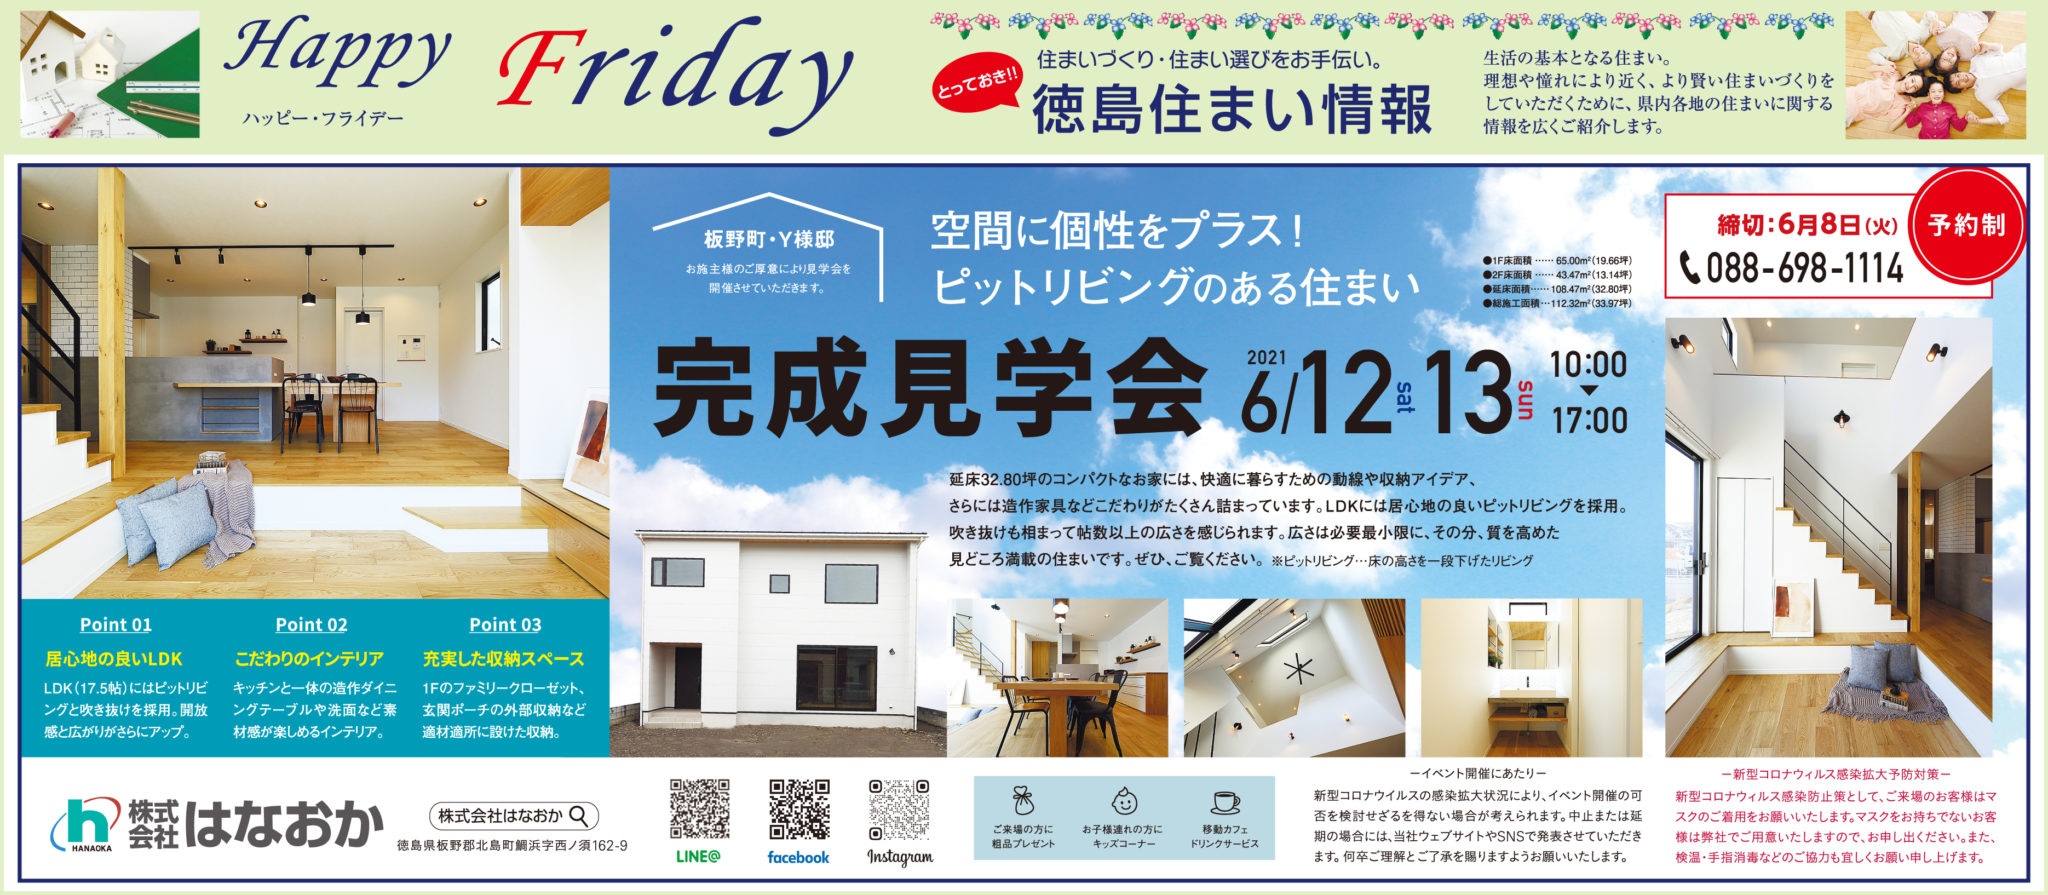 【予約制】6月12日(土)・13日(日)、板野町・Y様邸で完成見学会を開催いたします